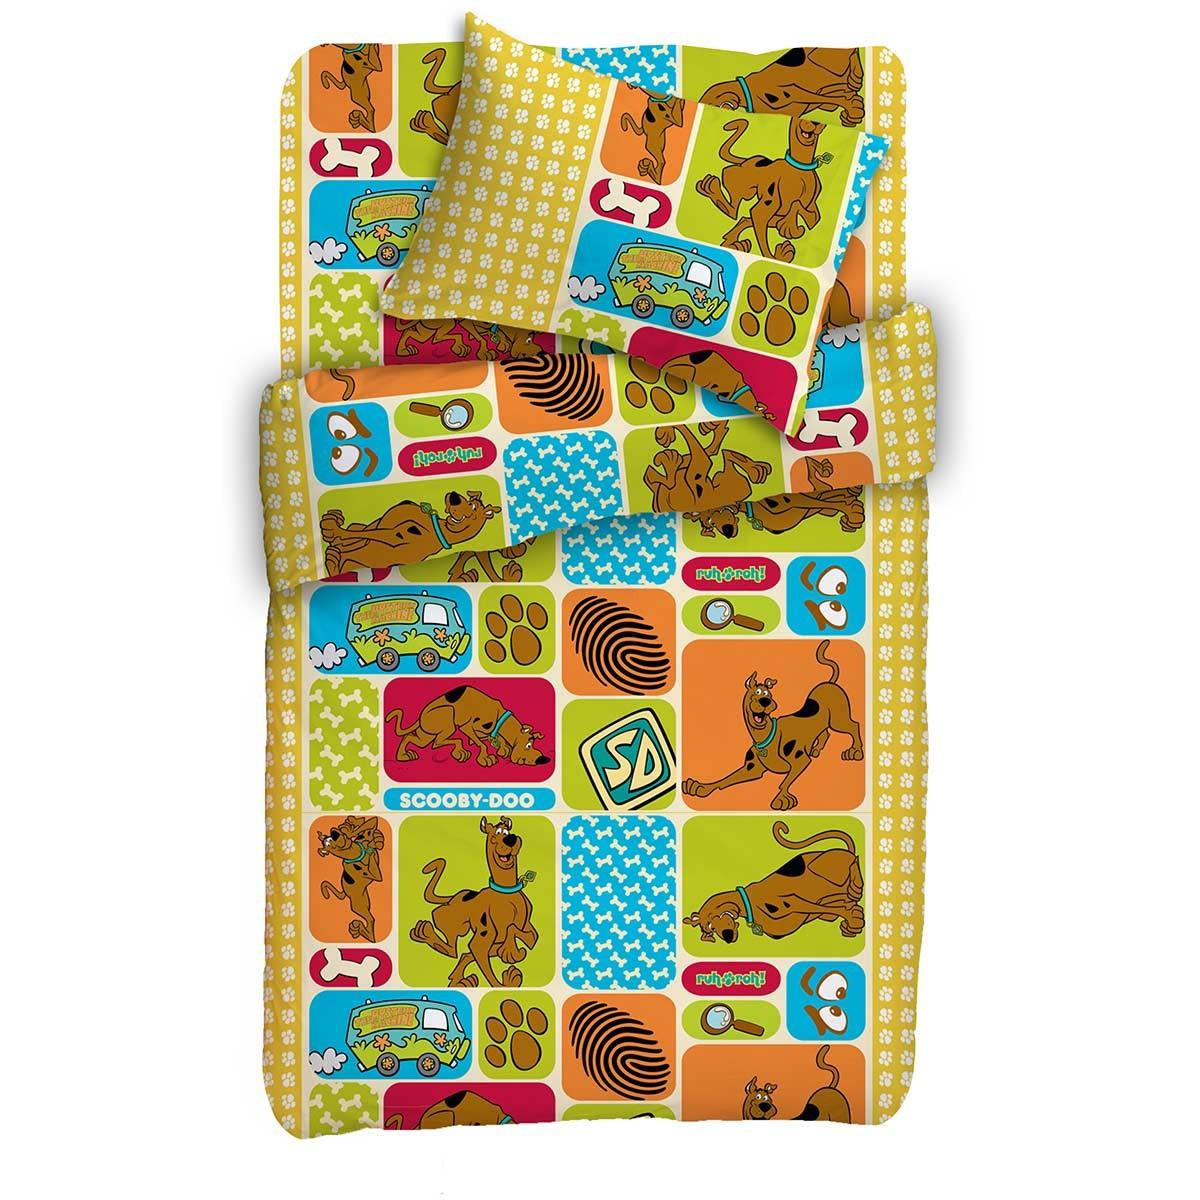 Ζεύγος Μαξιλαροθήκες Viopros Baby Scooby Doo 10 home   παιδικά   μαξιλαροθήκες παιδικές